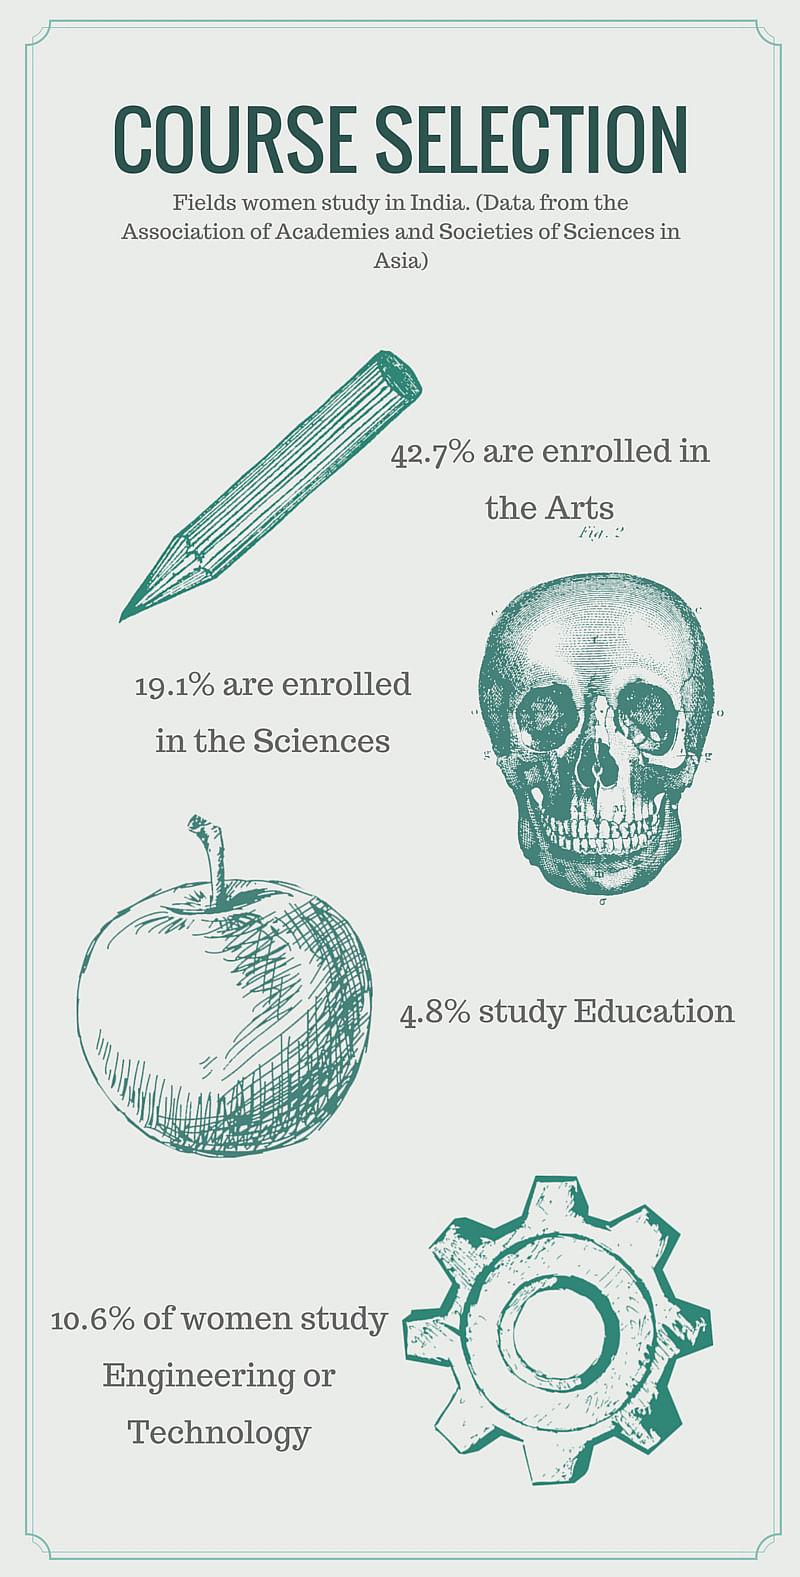 (Infographic: Manon Verchot)